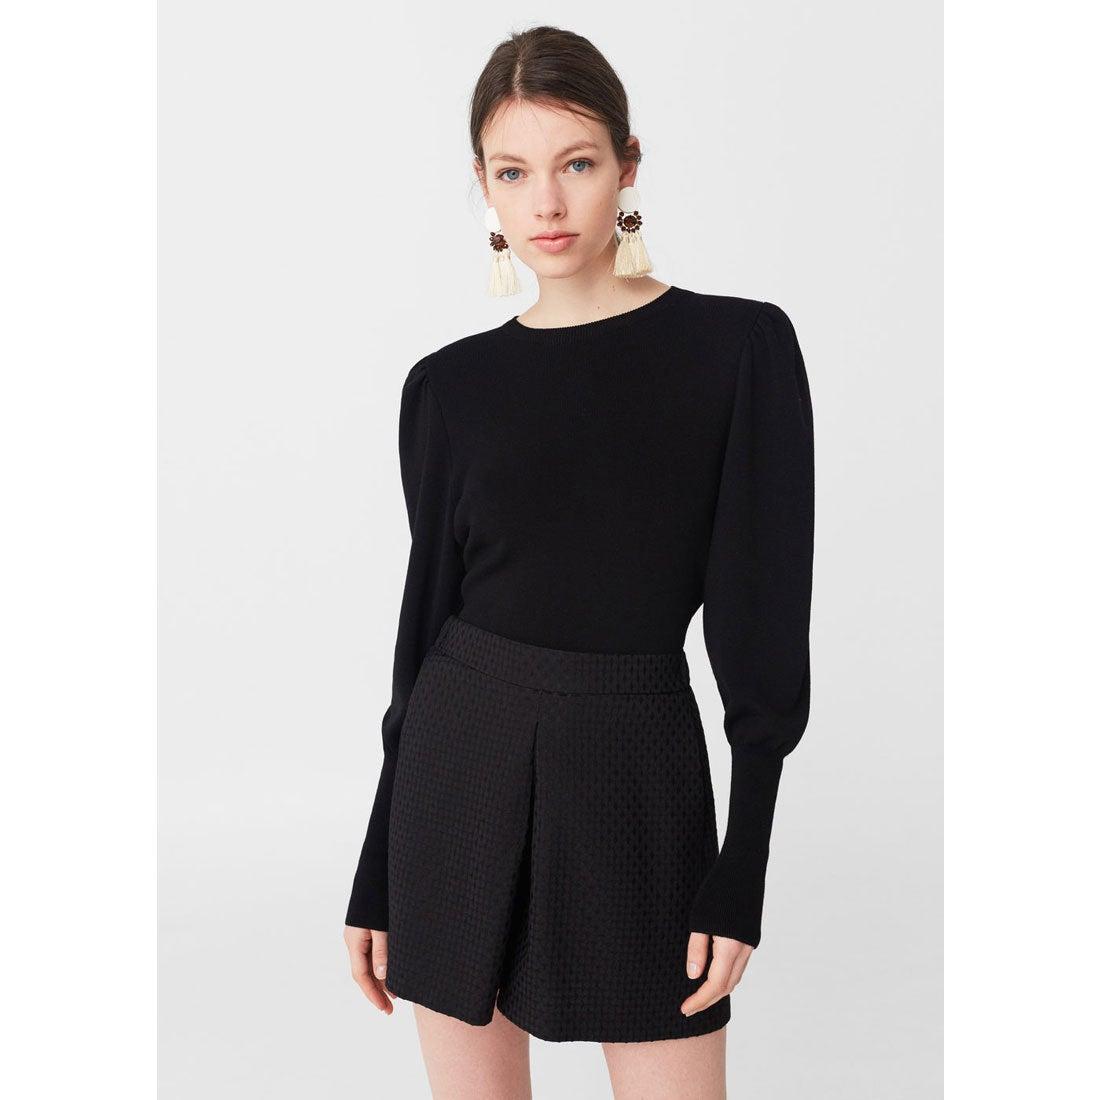 キュロットスカート . ALLEPUZ (ブラック)